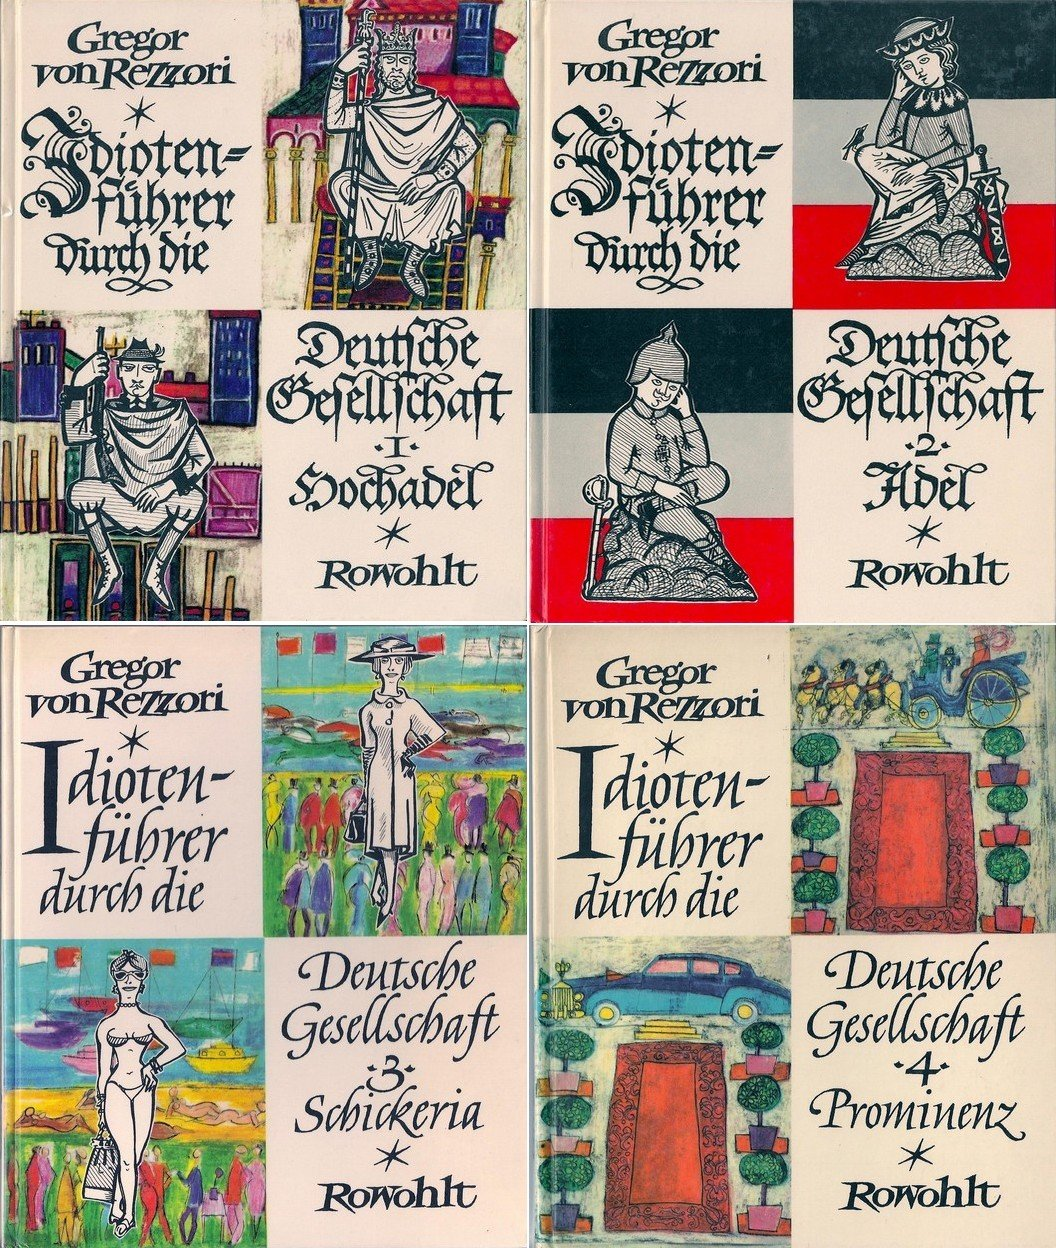 Idiotenführer durch die Deutsche Gesellschaft. I. Hochadel. Vorstoß in die gesellschaftliche Stratosphäre, Anleitungen zum Umgang mit höchsten und hohen Herrschaften.